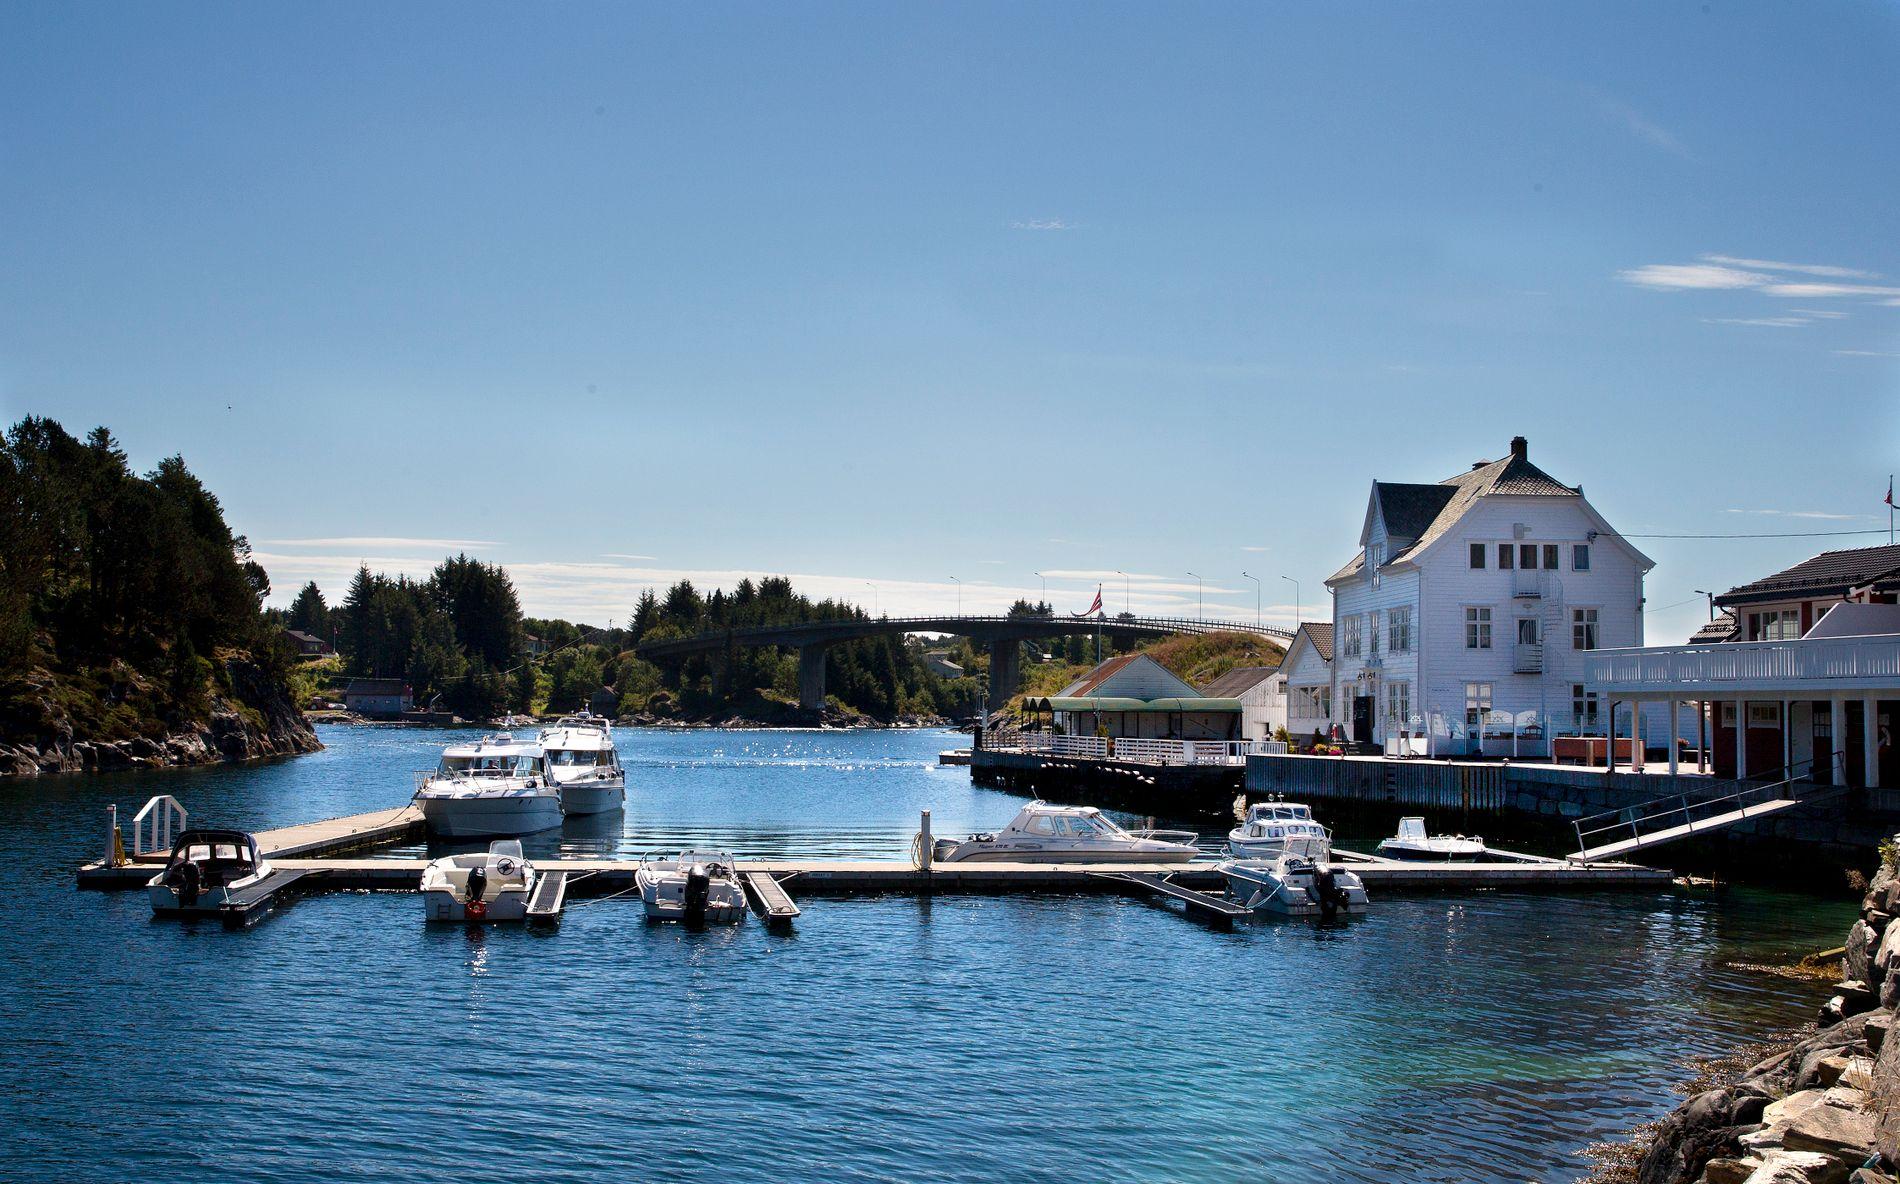 KYSTKULTUR: Bygging ved sjøen har lange tradisjoner på Vestlandet. Det er tradisjoner som best kan forvaltes lokalt, uten ytterligere statlig innblanding, skriver BT på lederplass.